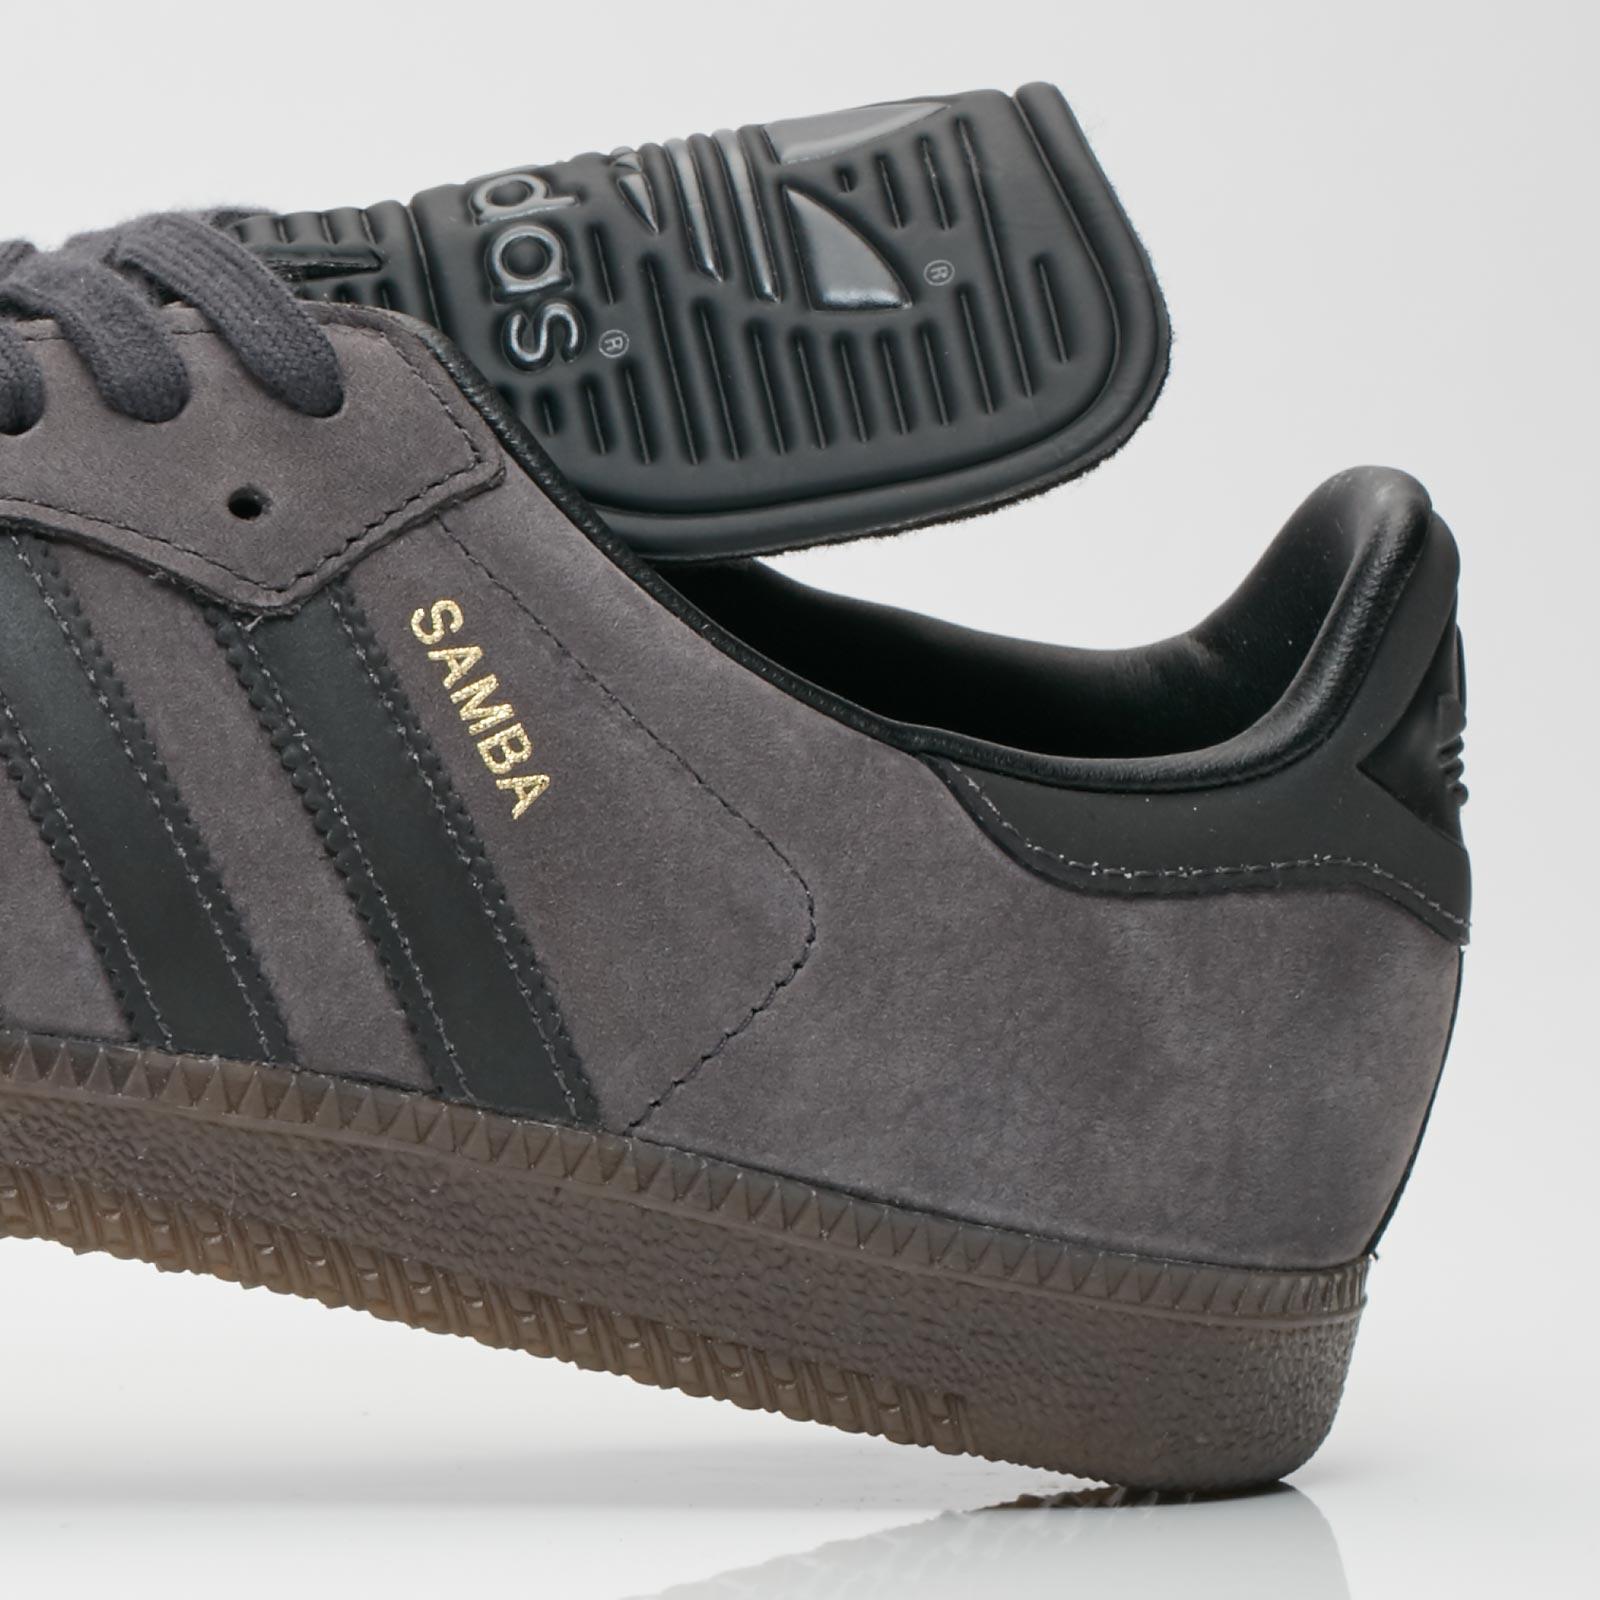 adidas Samba Classic OG - Bz0227